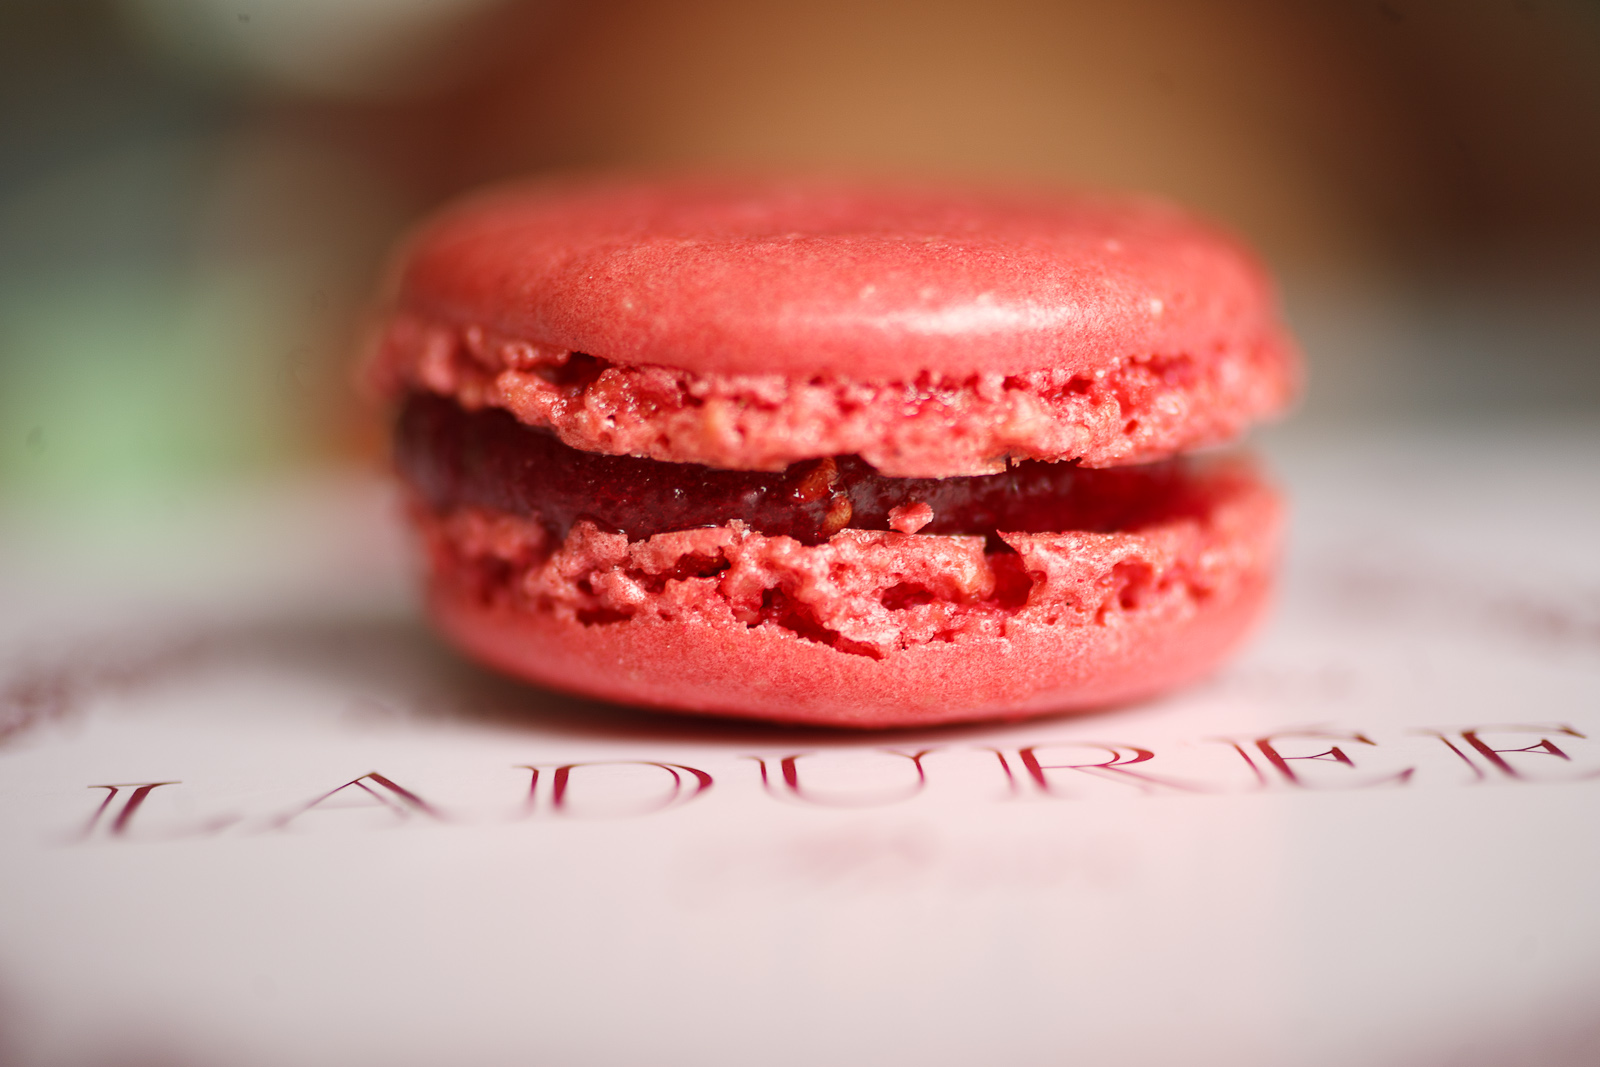 Macaron à la frambroise (raspberry)